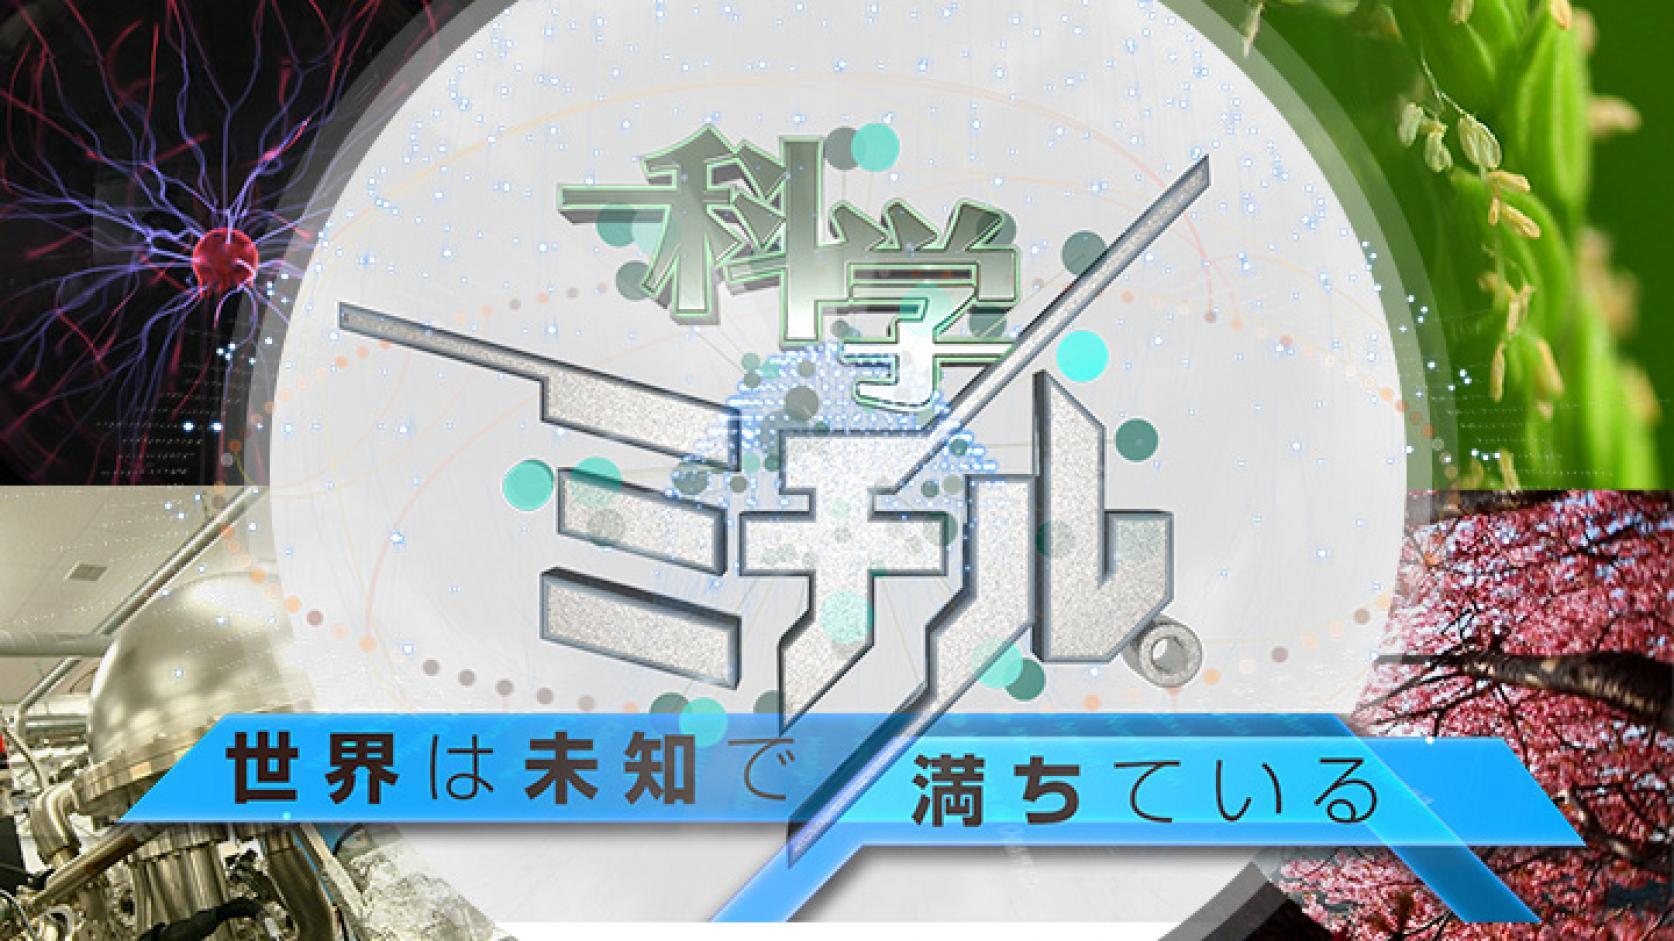 BS JAPAN「科学ミチル。世界は未知で満ちている」2月8日(木)放送:航空宇宙工学科 山﨑政彦助教及び宇宙構造物システム研究室が出演します。